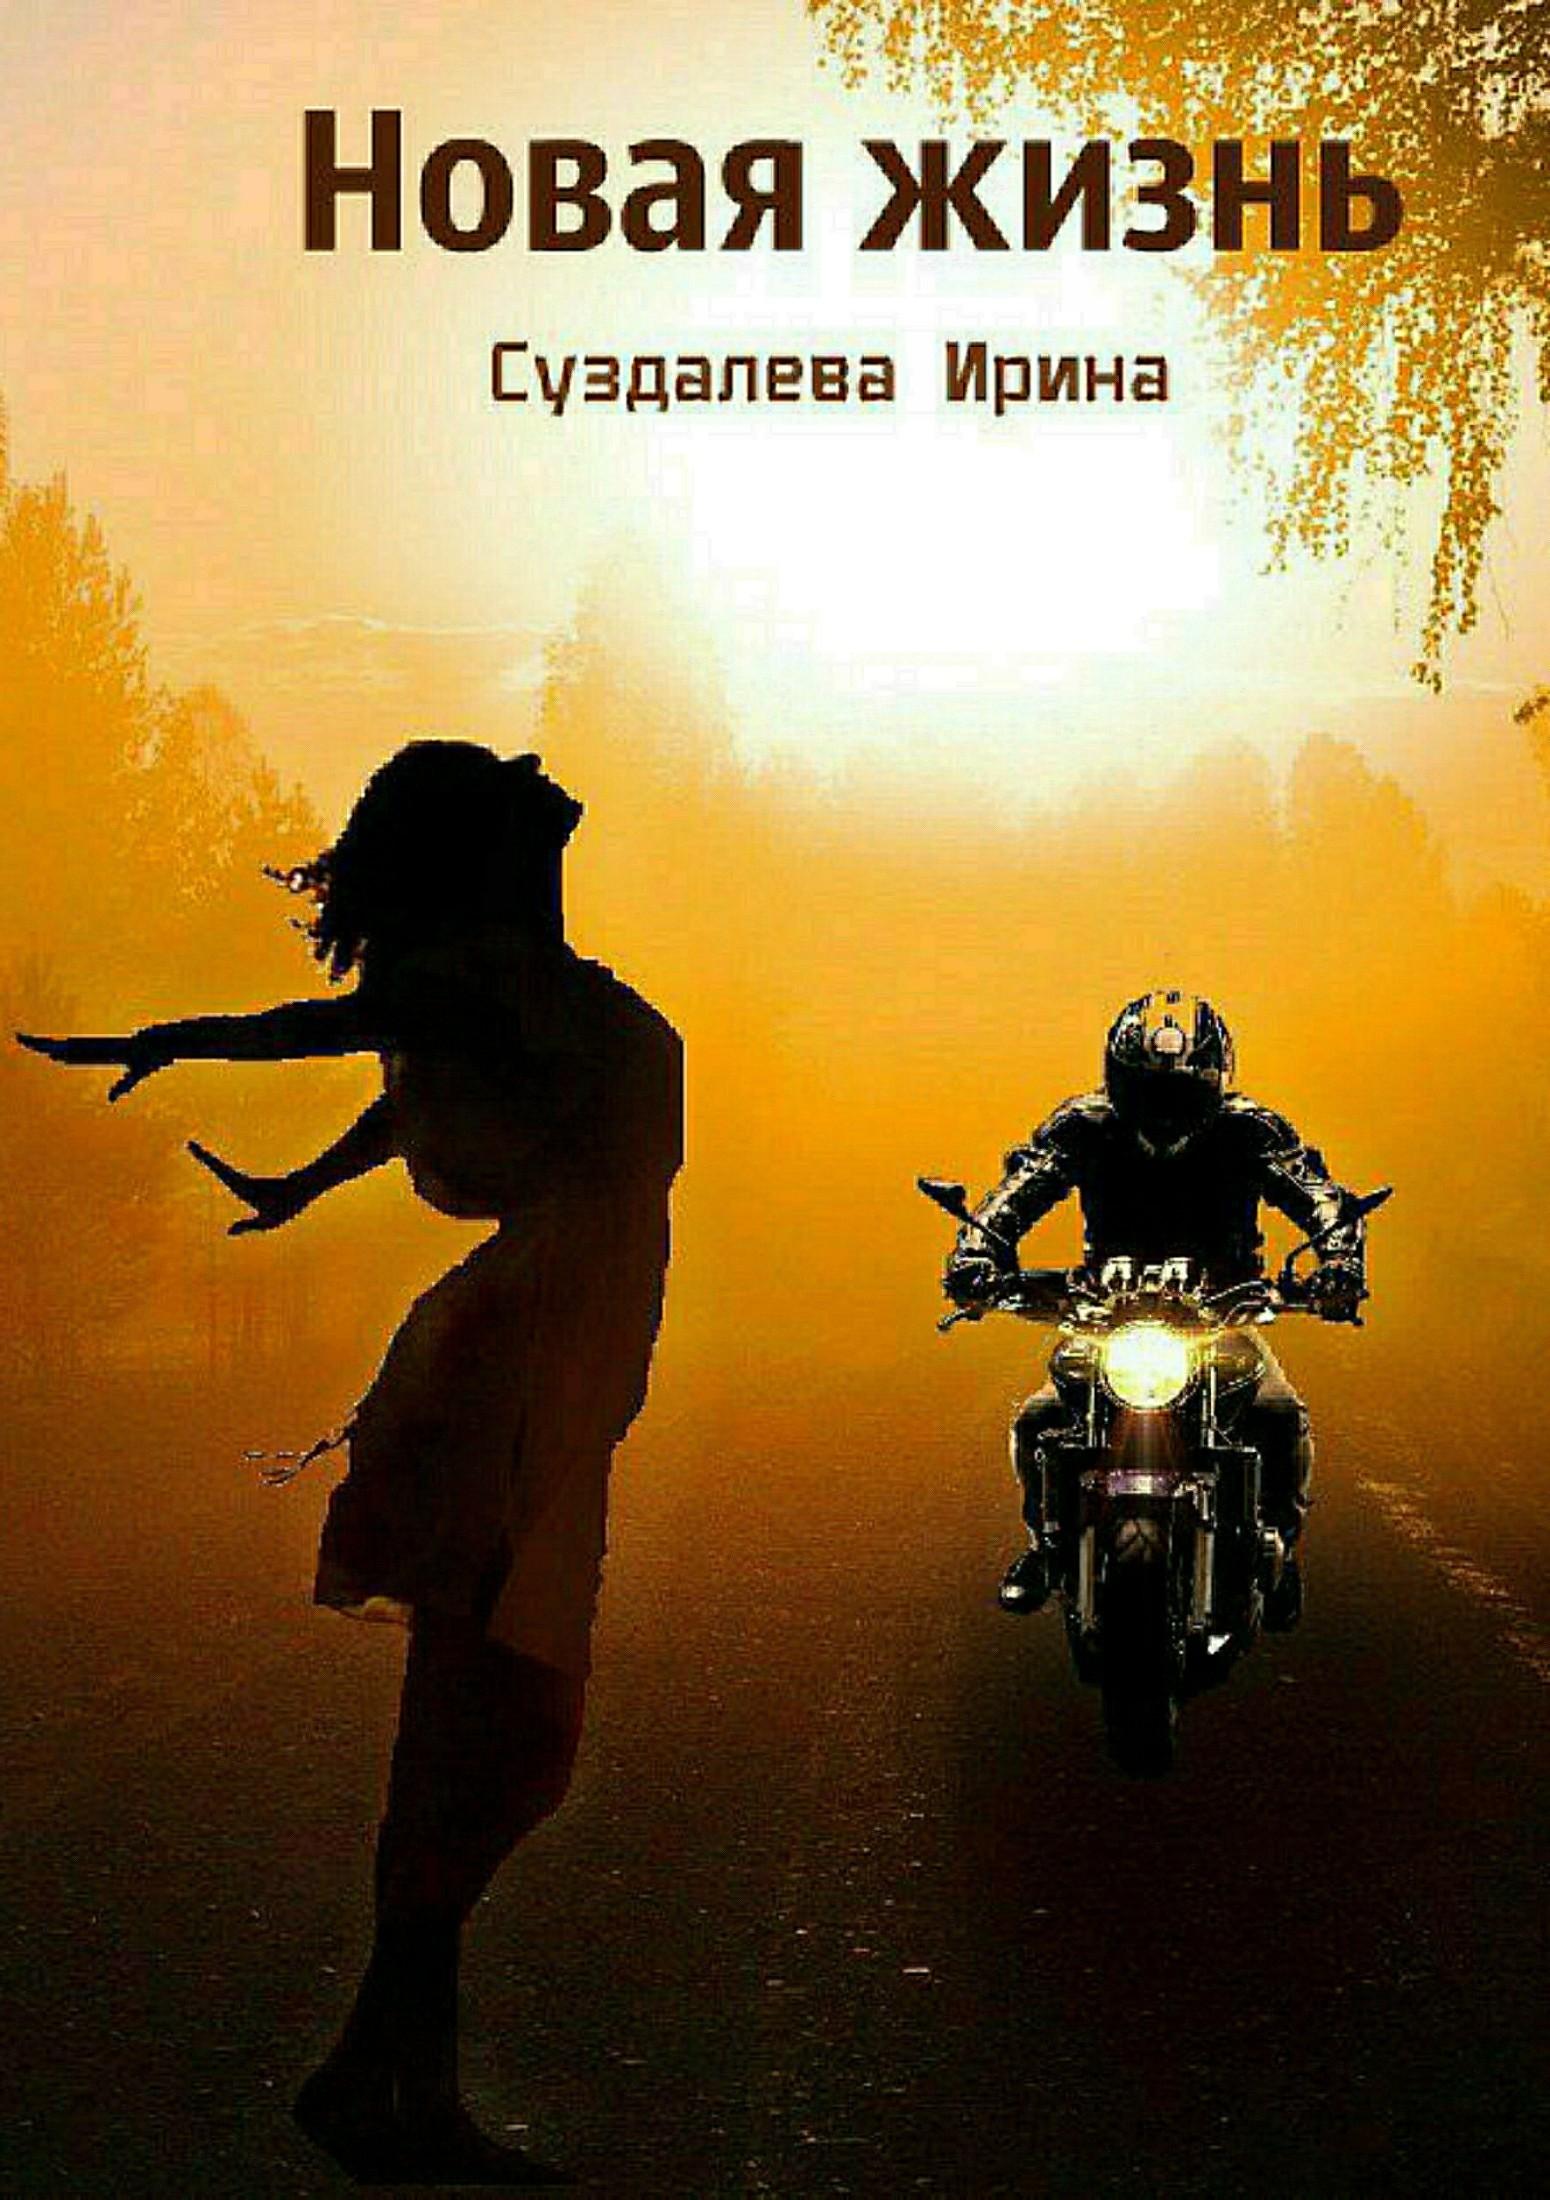 Ирина Суздалева Новая жизнь